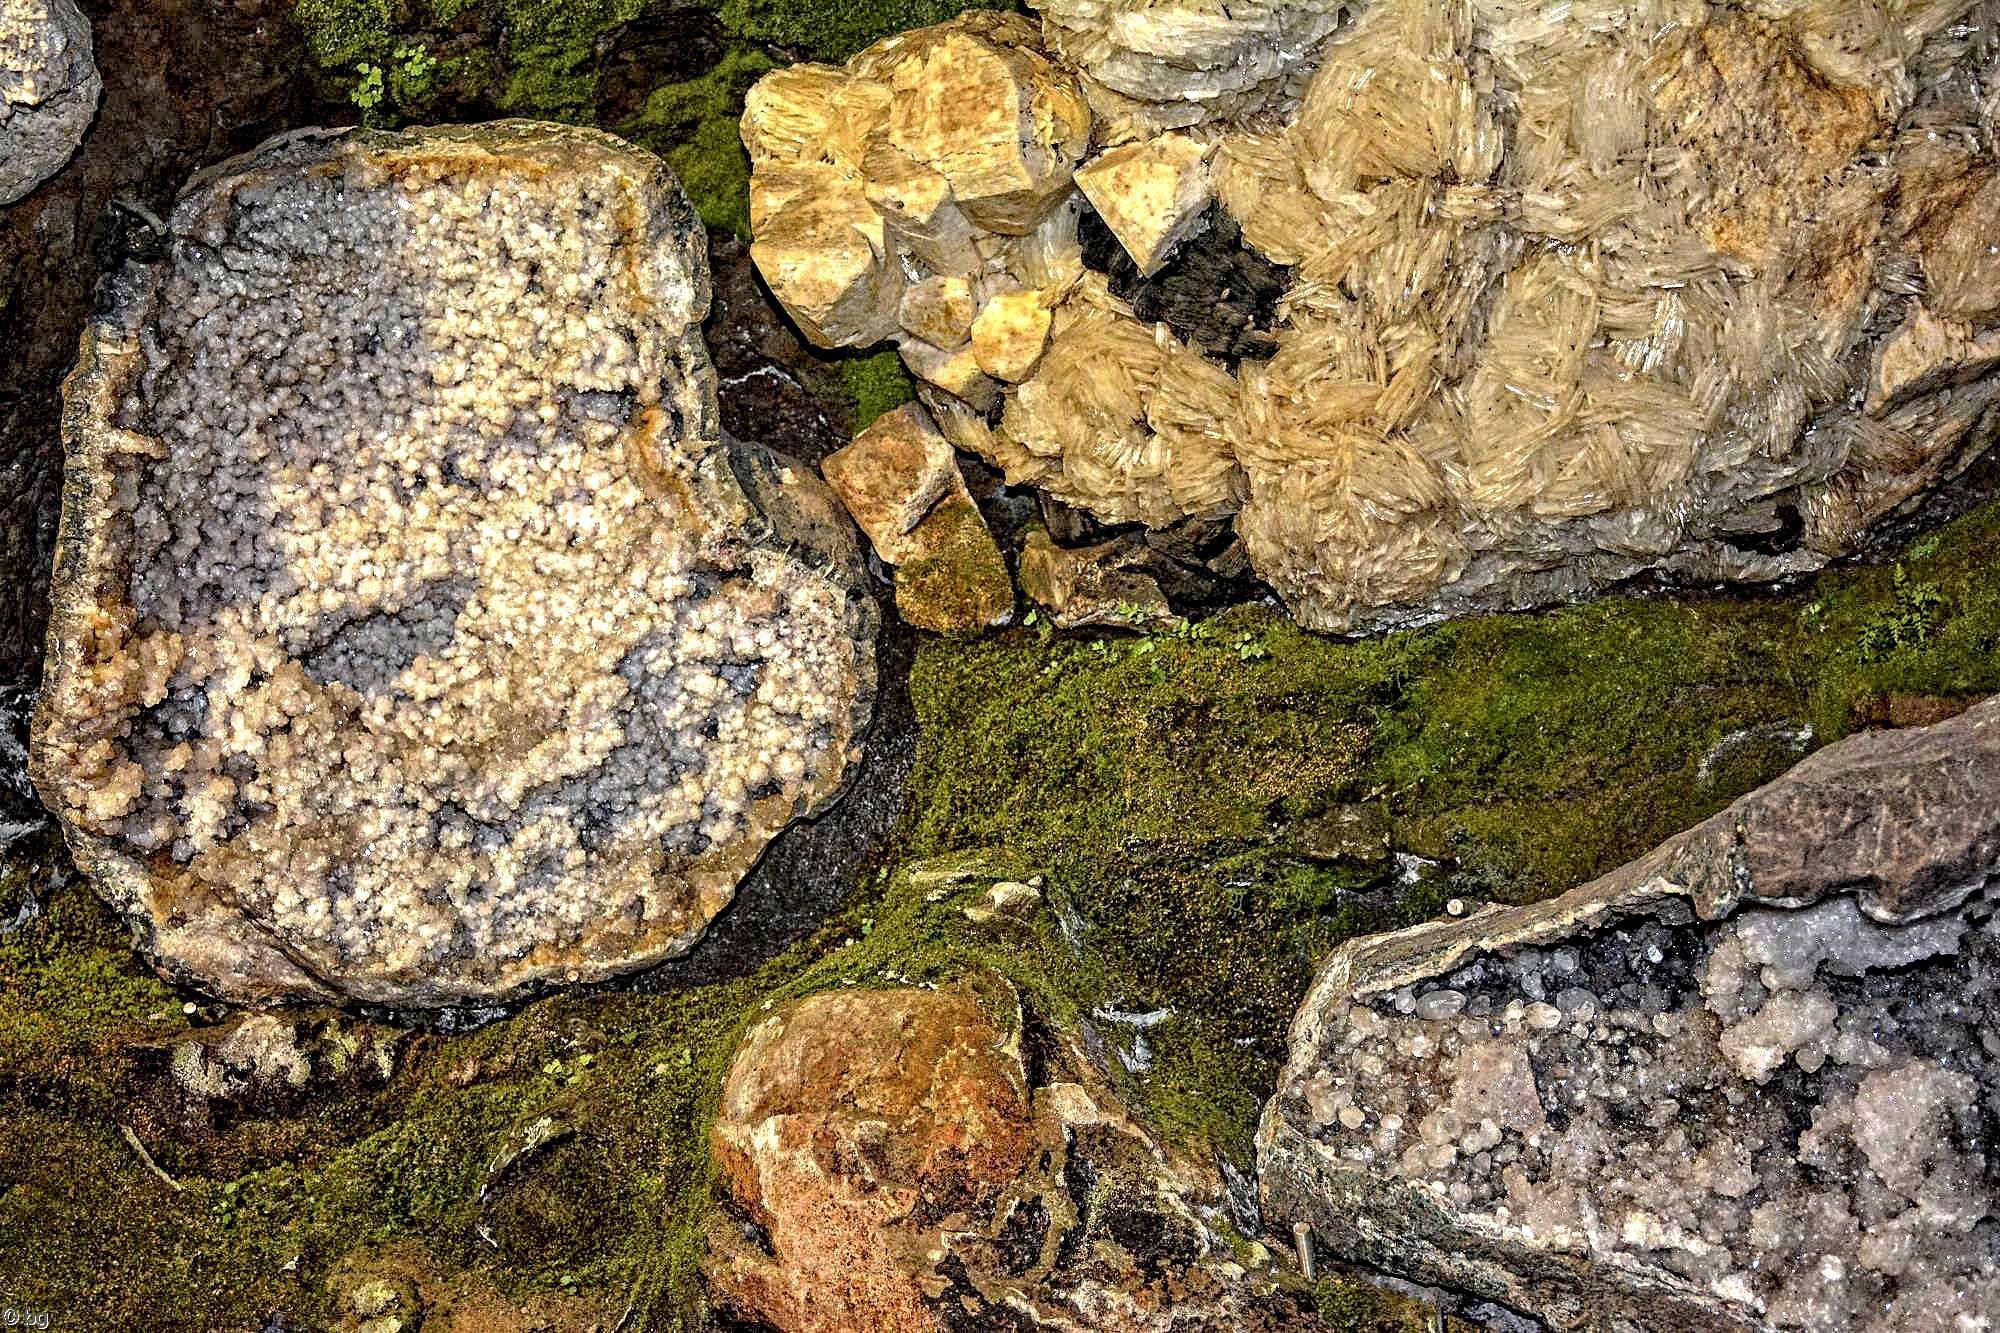 geode-mineraux-et-cristaux-en-HDR_4